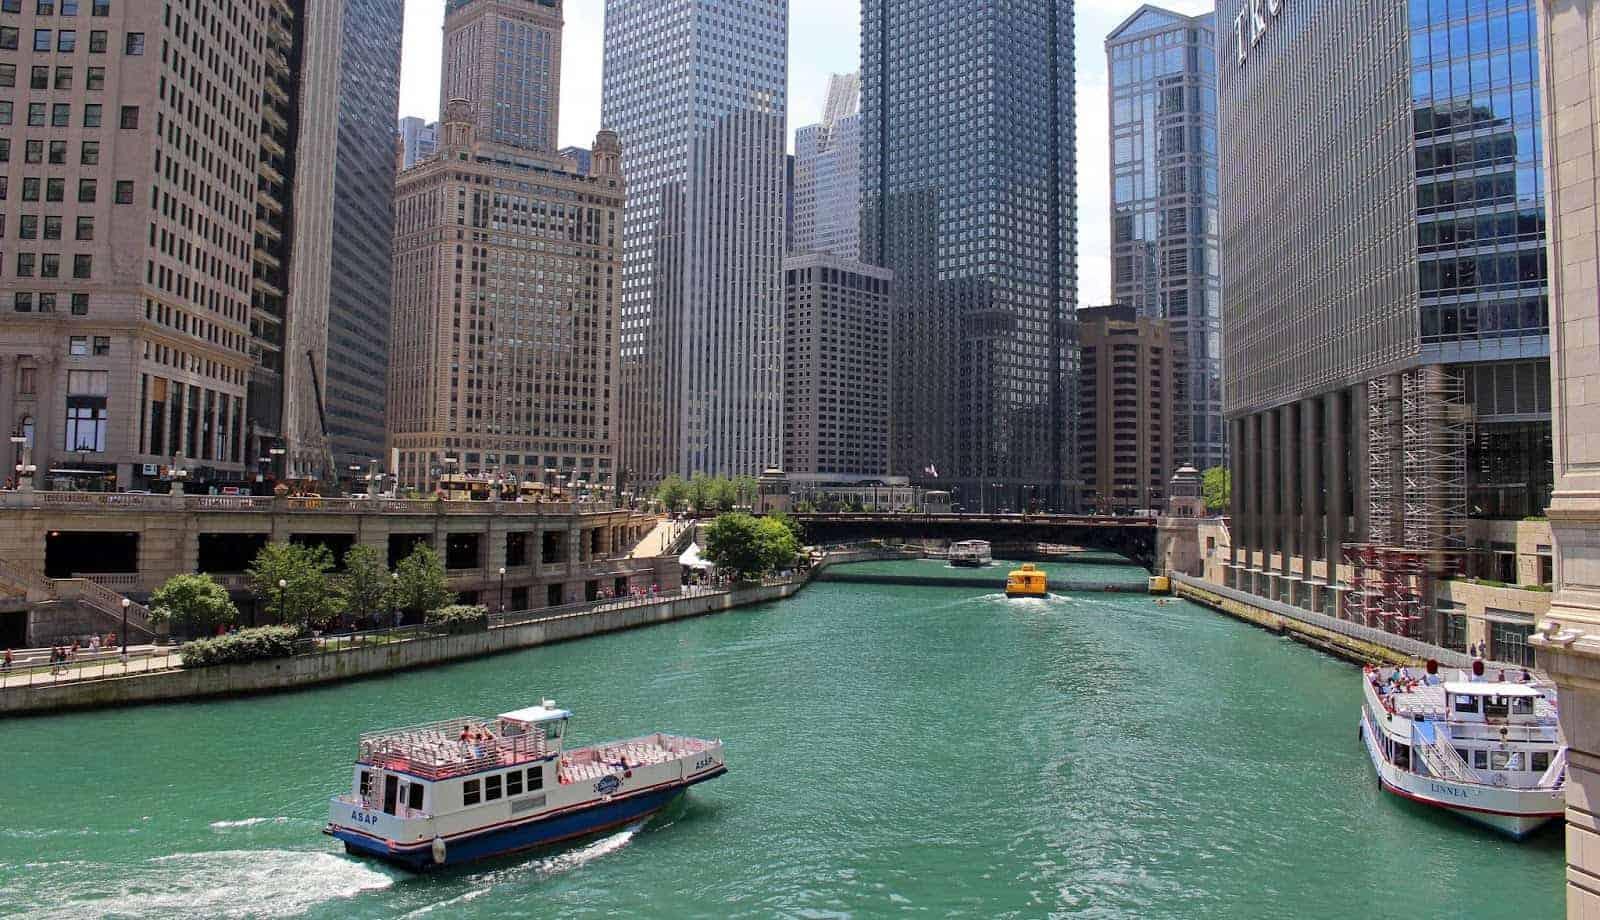 شيكاغو , رحلة نهرية بين الصروح المعمارية